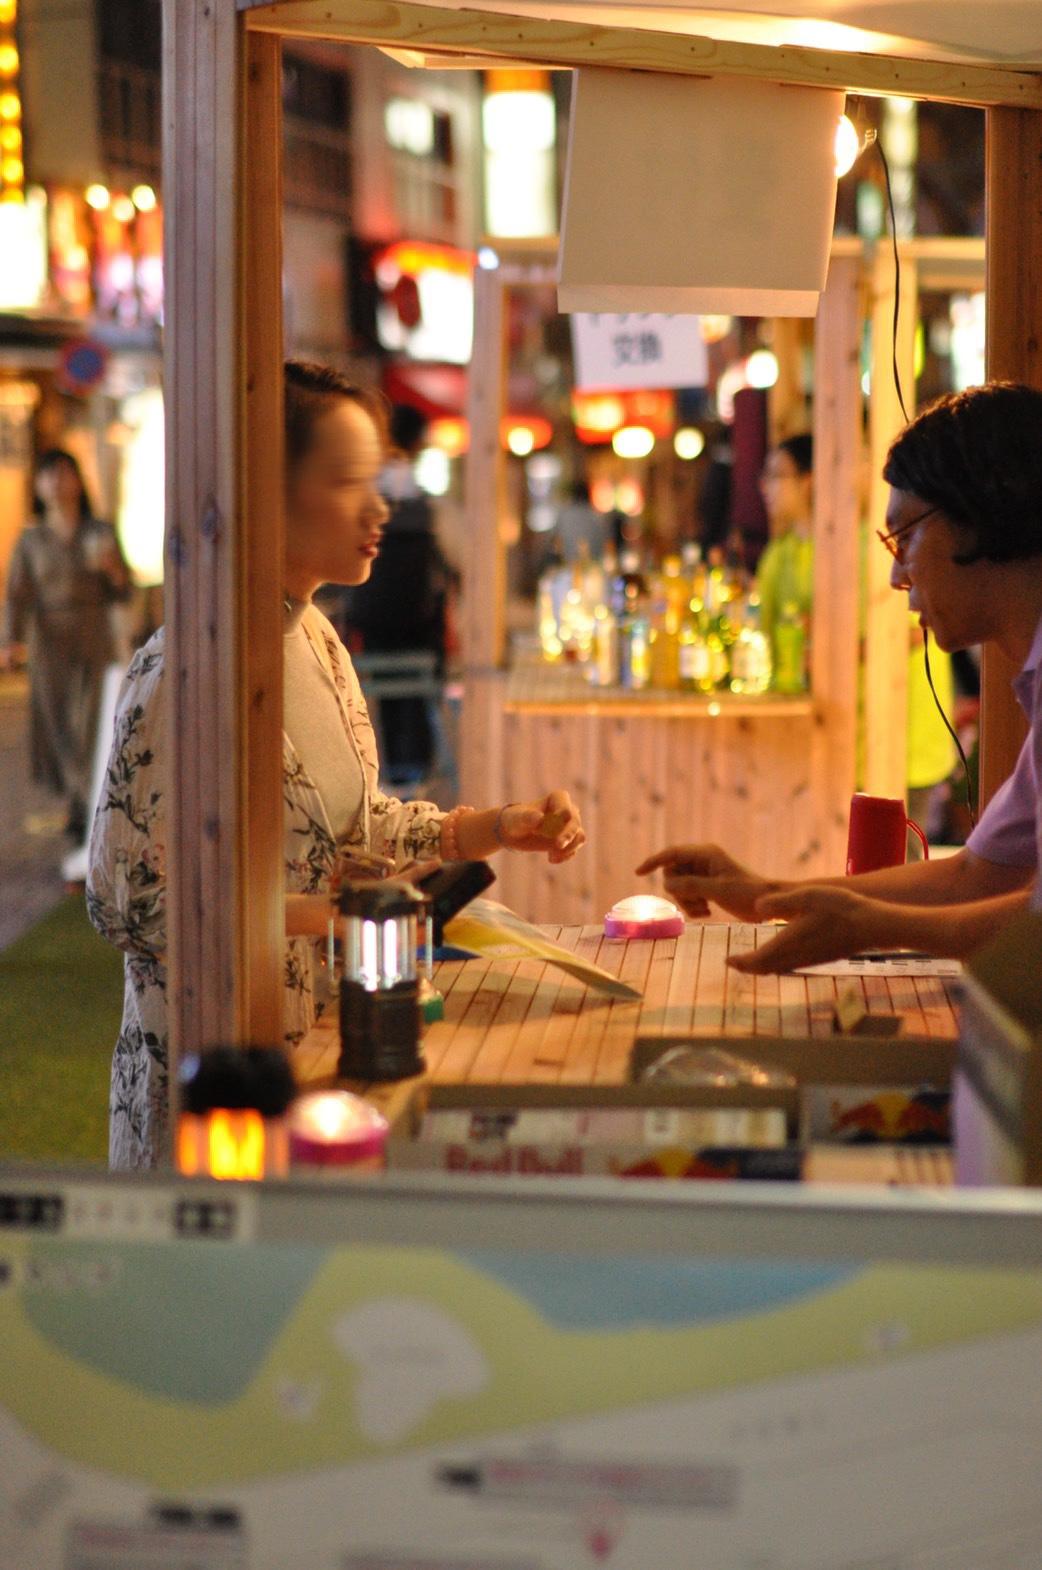 http://ud.t.u-tokyo.ac.jp/blog/_images/A19A8A9B-1047-4394-B04F-783E8CF8E742.jpg